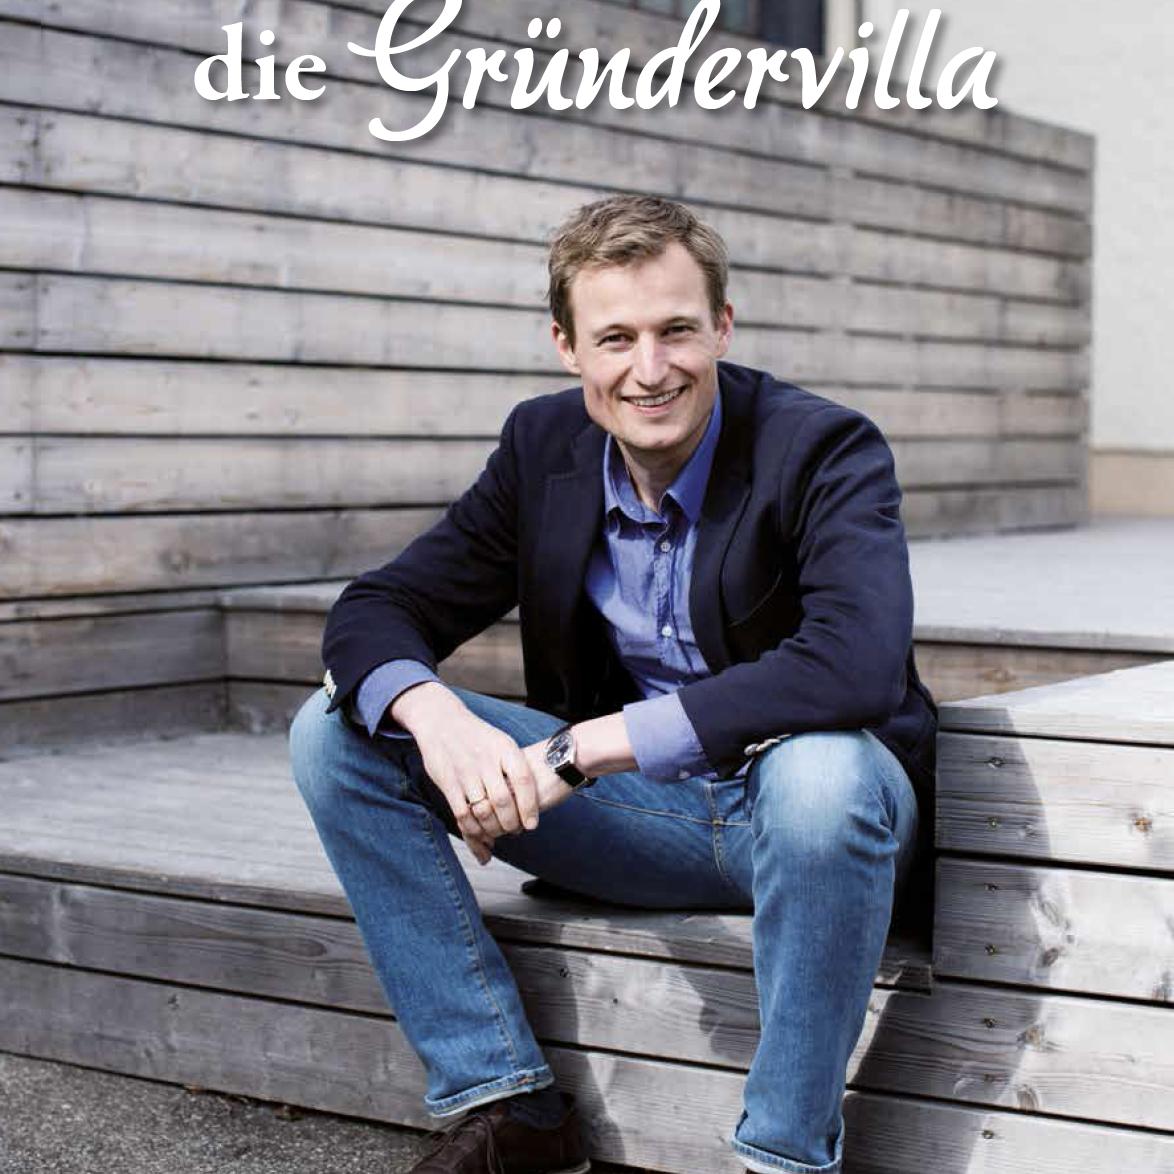 Ein Visionär im Allgäu - Simon und die Gründervilla _Coverbild - Simon Schnetzer in den Medien